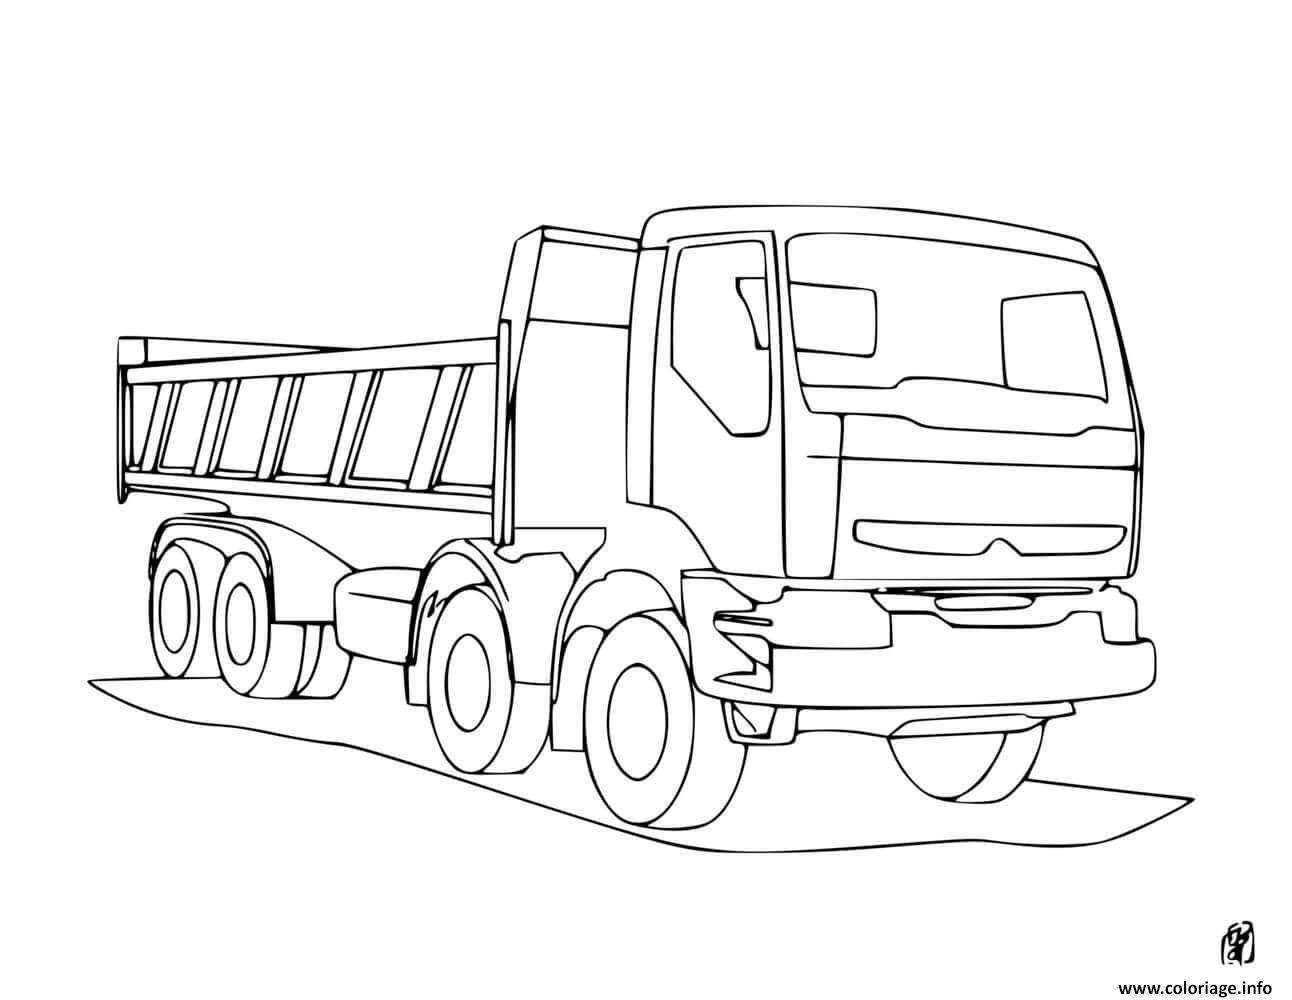 Dessin camion volvo de chantier Coloriage Gratuit à Imprimer